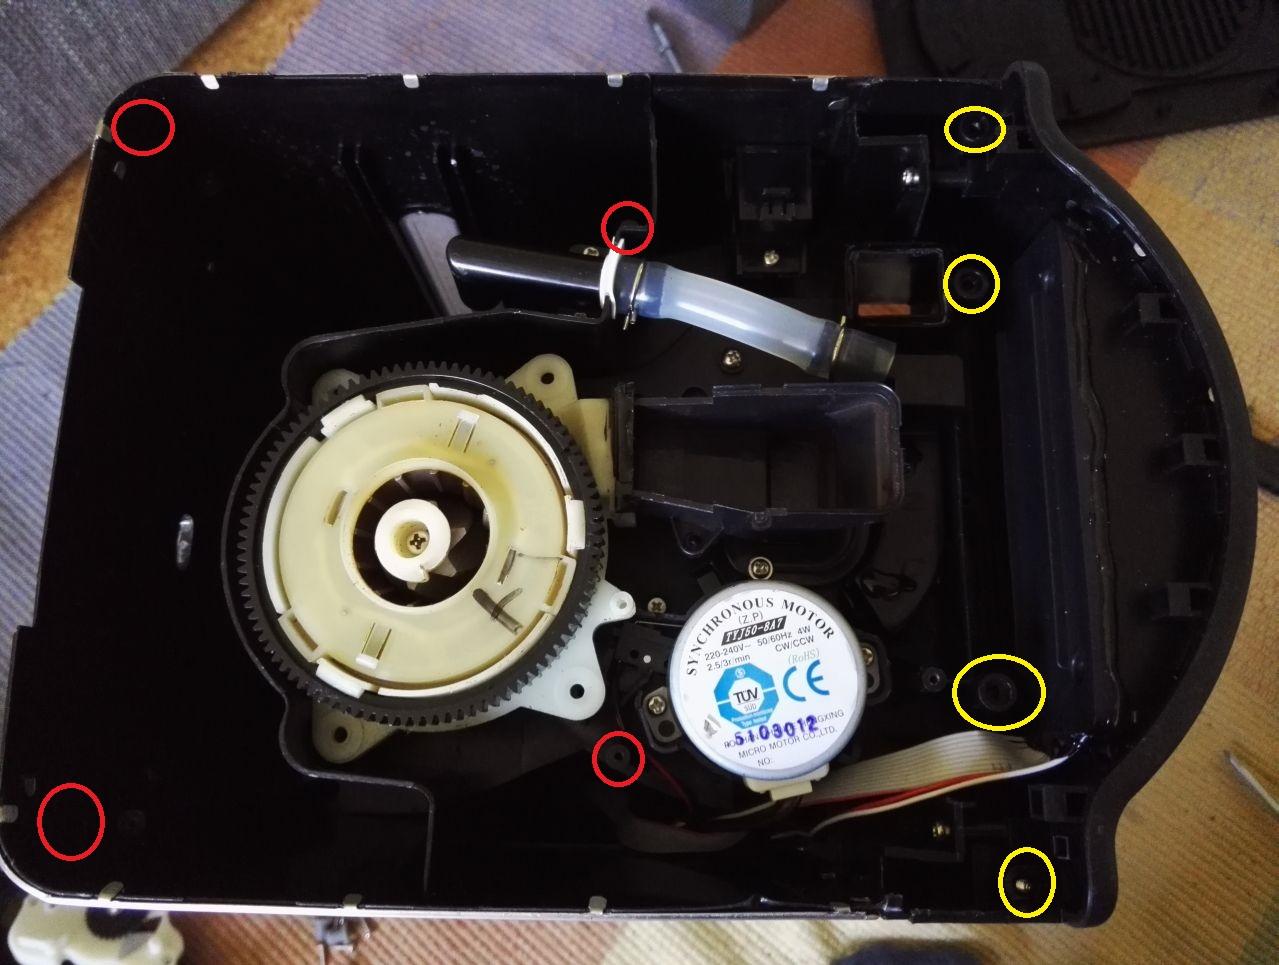 Kaffeemaschine amp Espressomaschine gebraucht kaufen  eBay